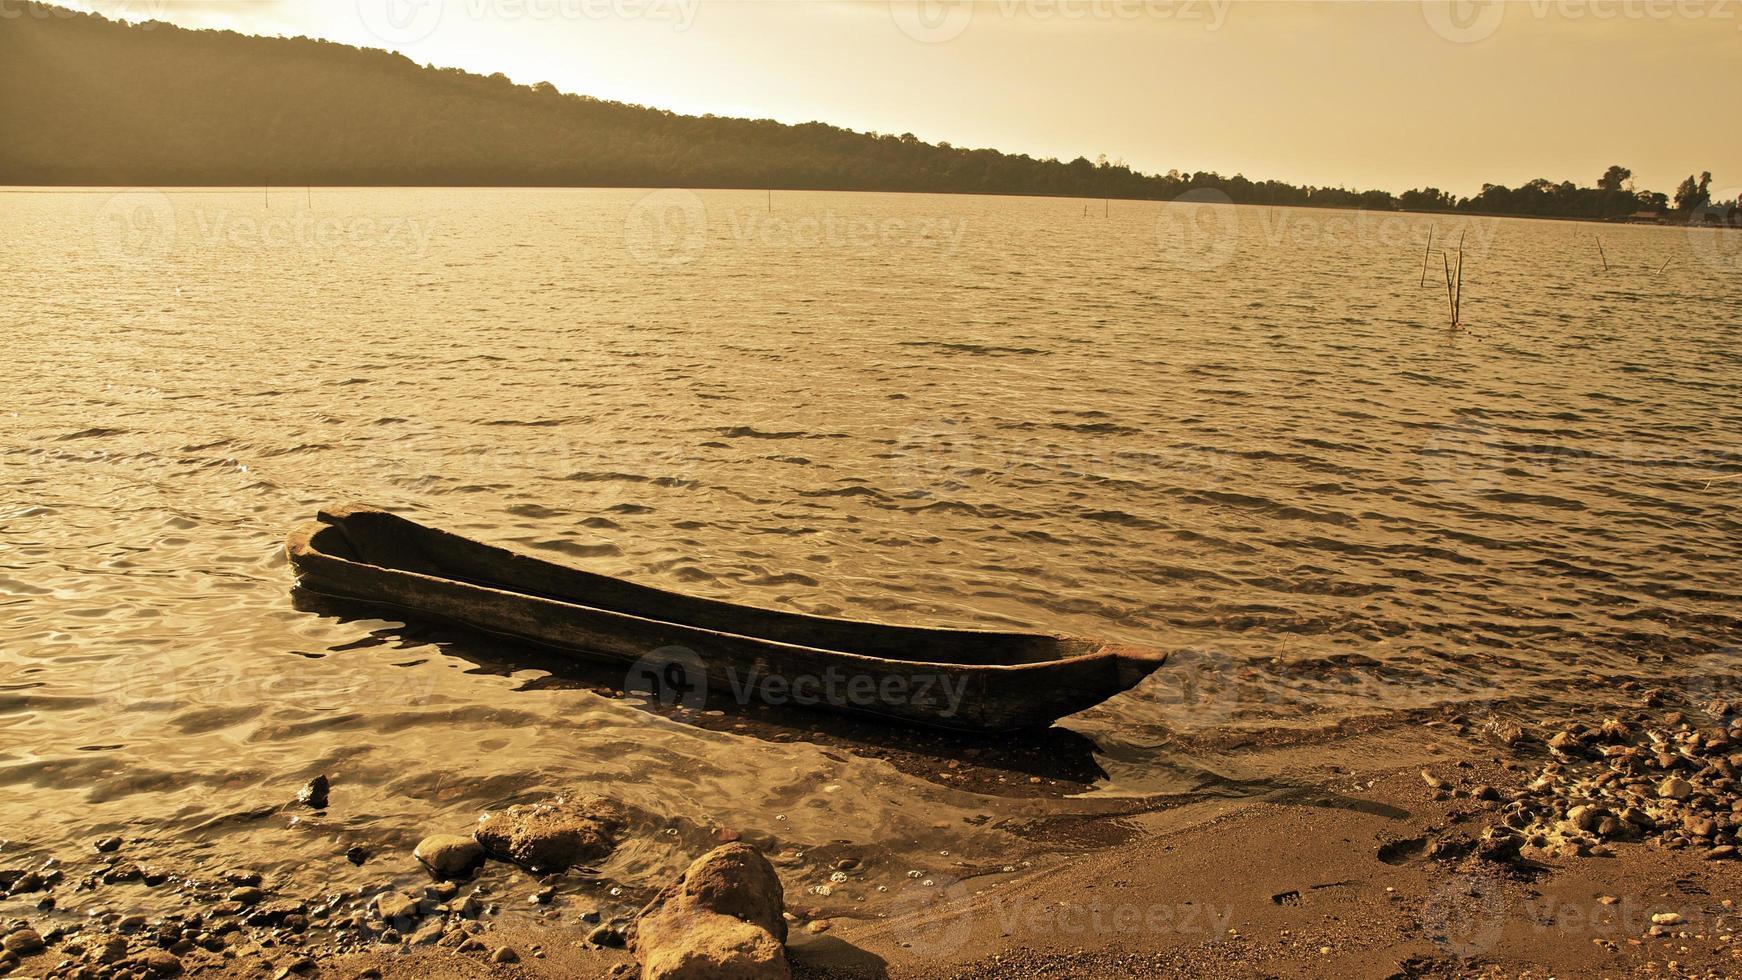 Bateau de pêche Bali Indonésie Asie Bratan bateau en bois sur l'eau photo